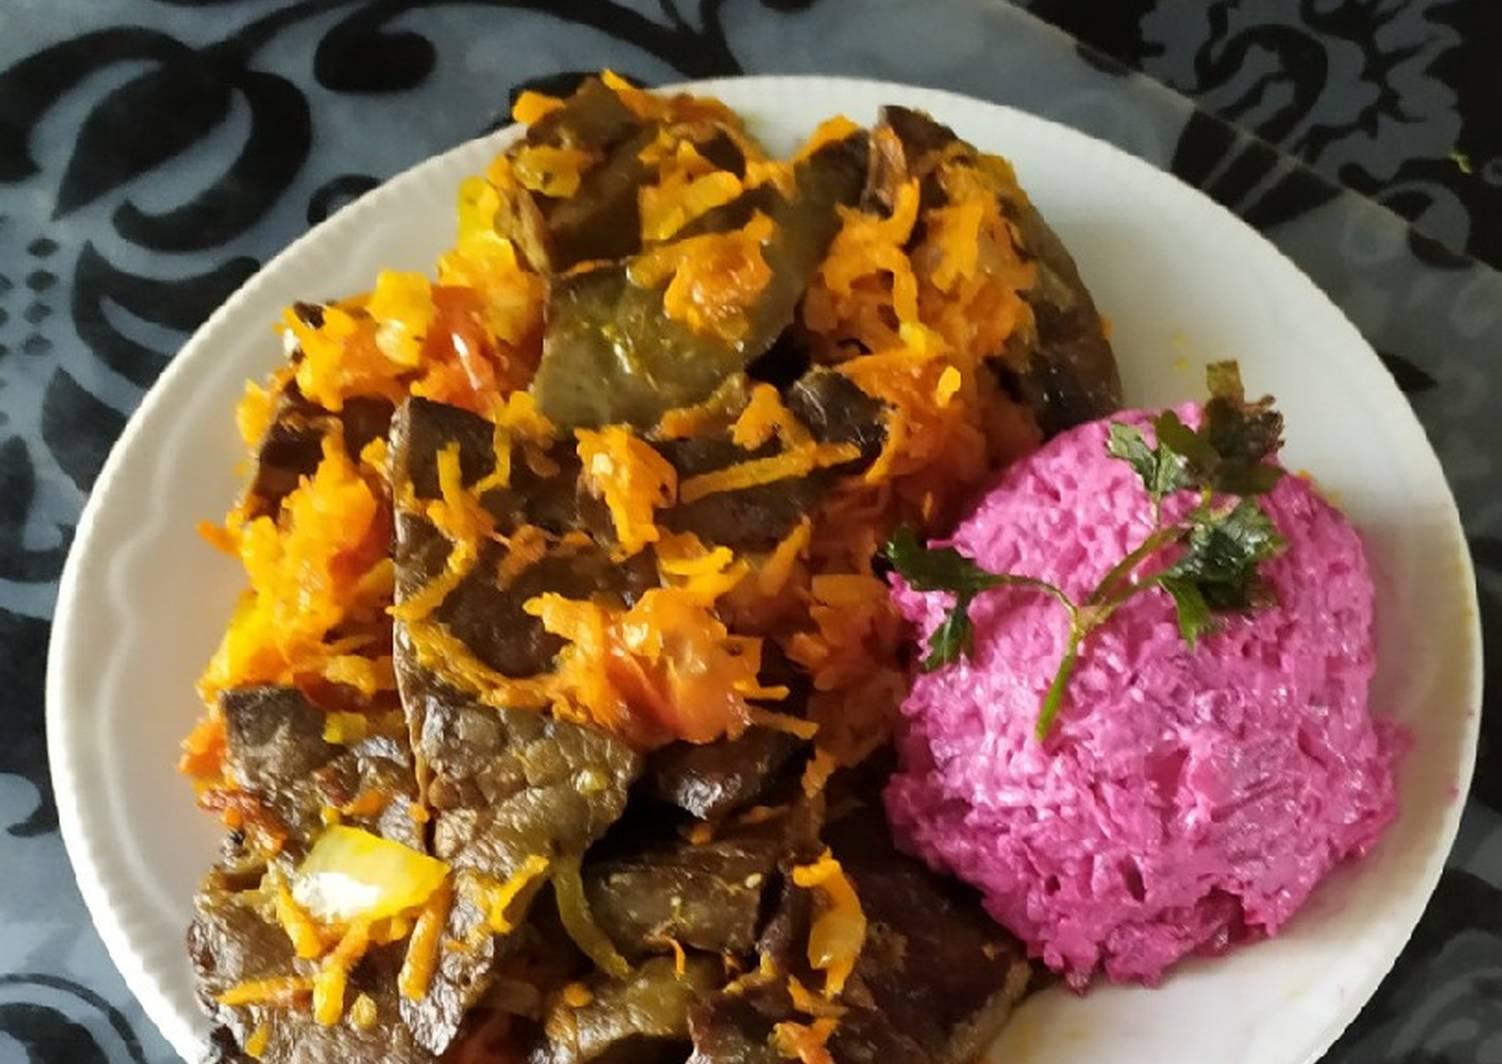 севастополь крым легкое говяжье рецепты с фото нас